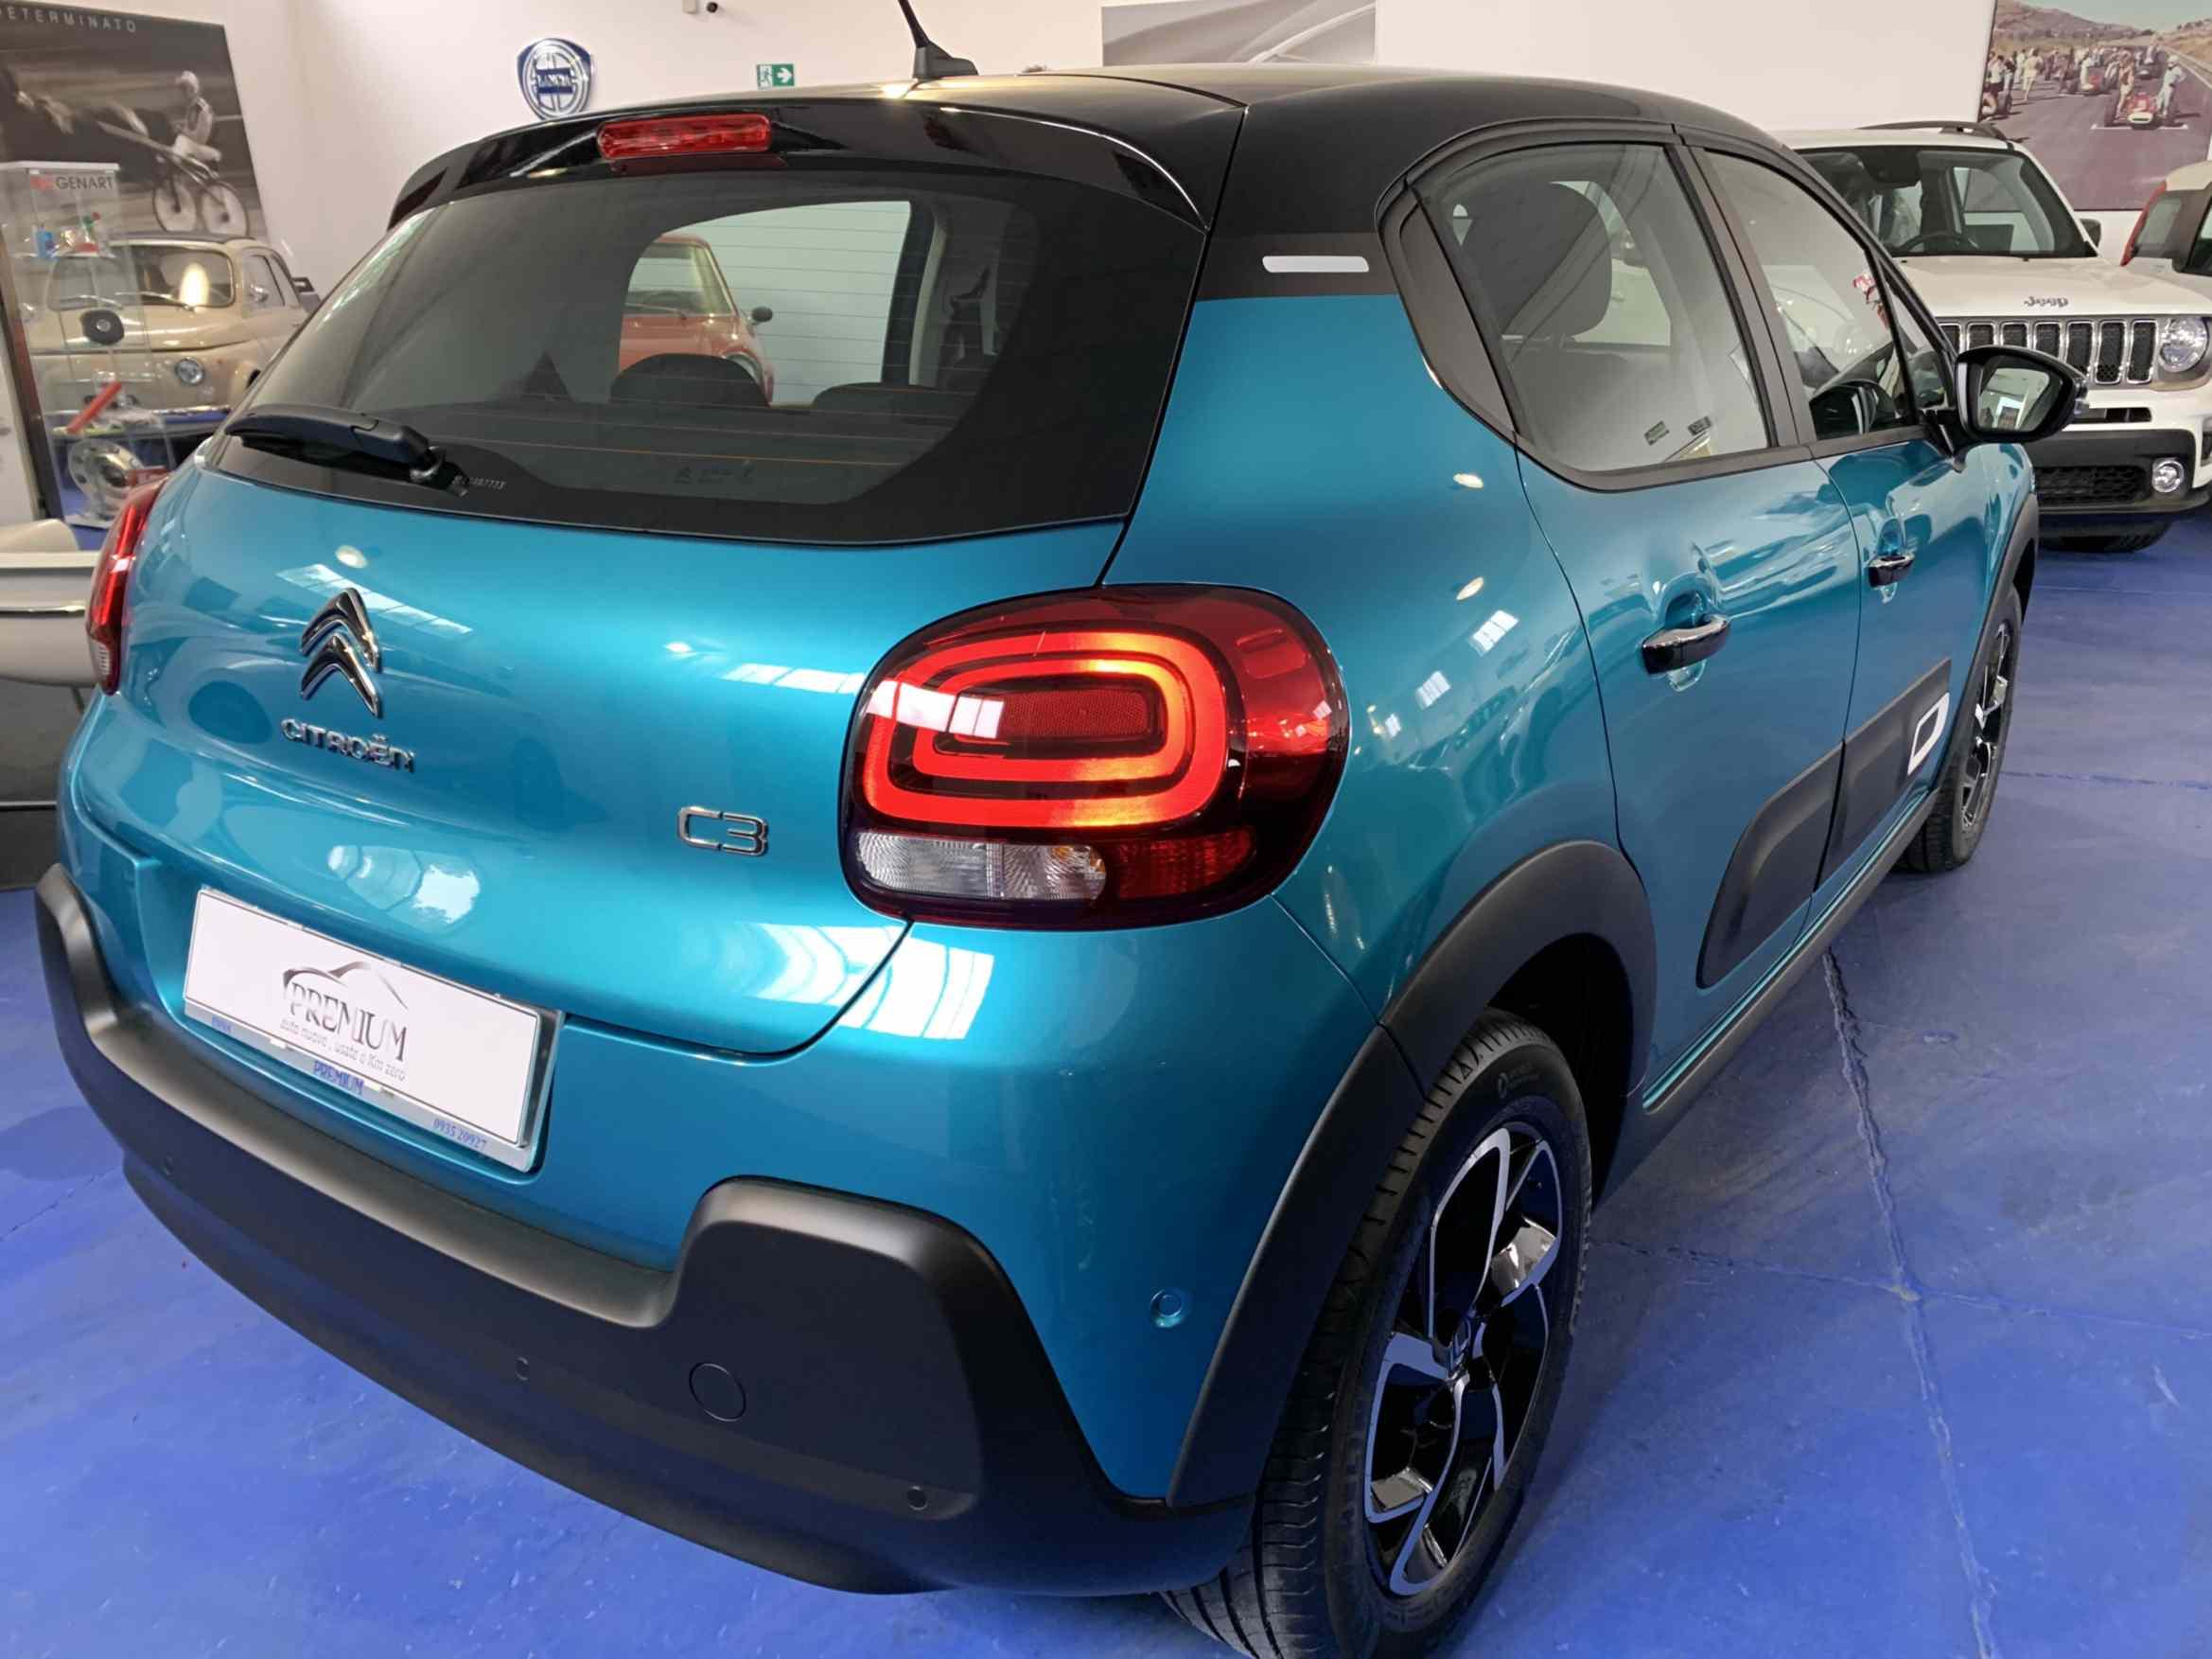 premium_vendita_auto_enna_sicilia_2